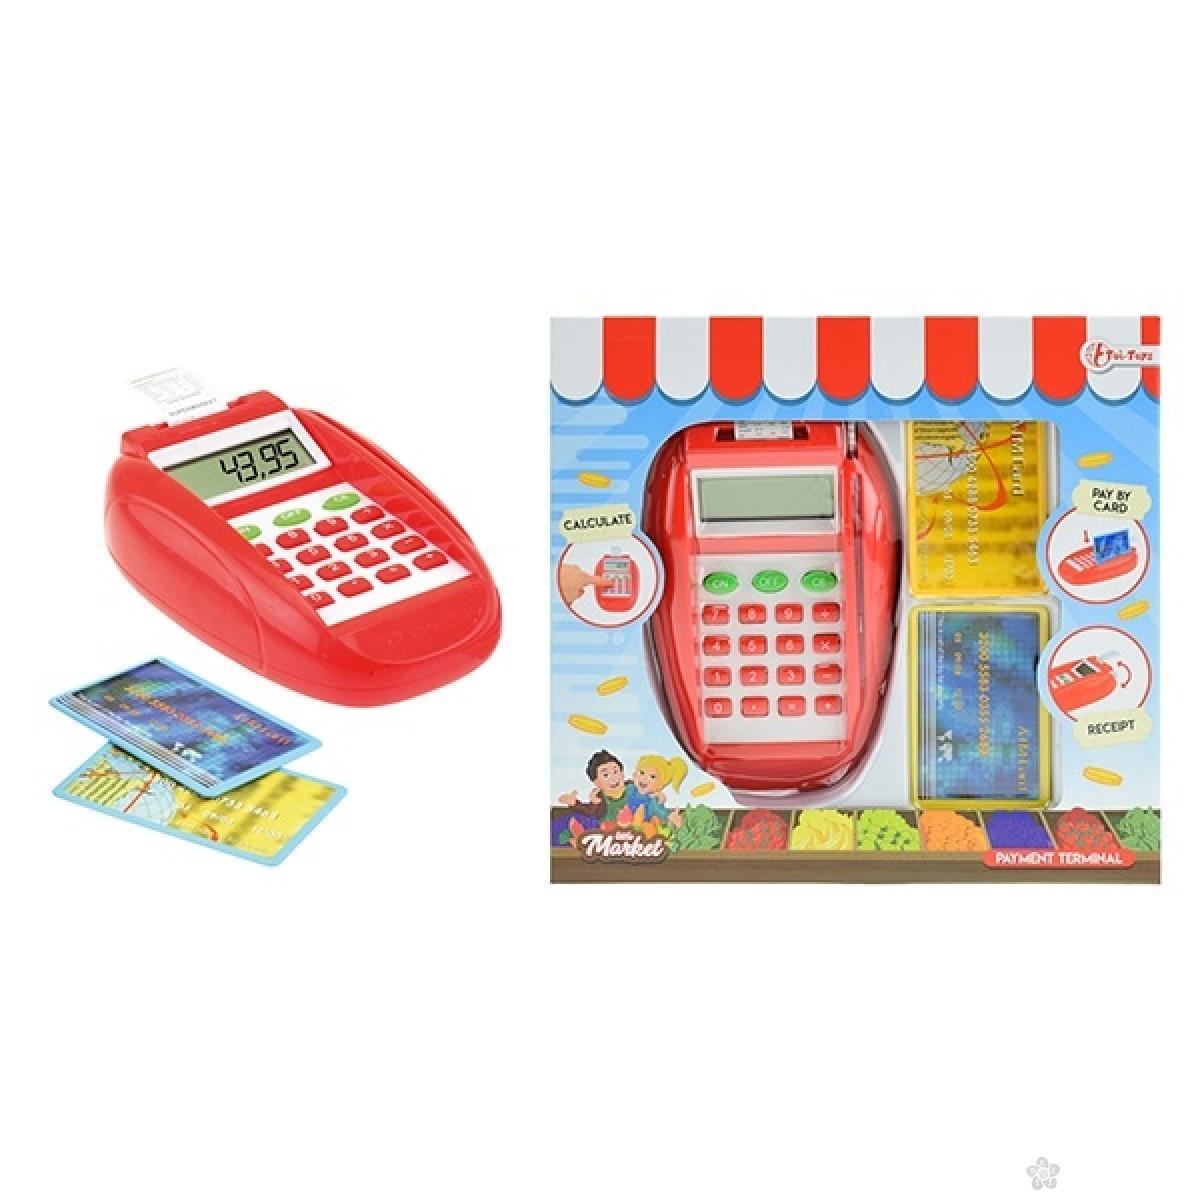 Aparat za placanje kreditnim karticama 13852A